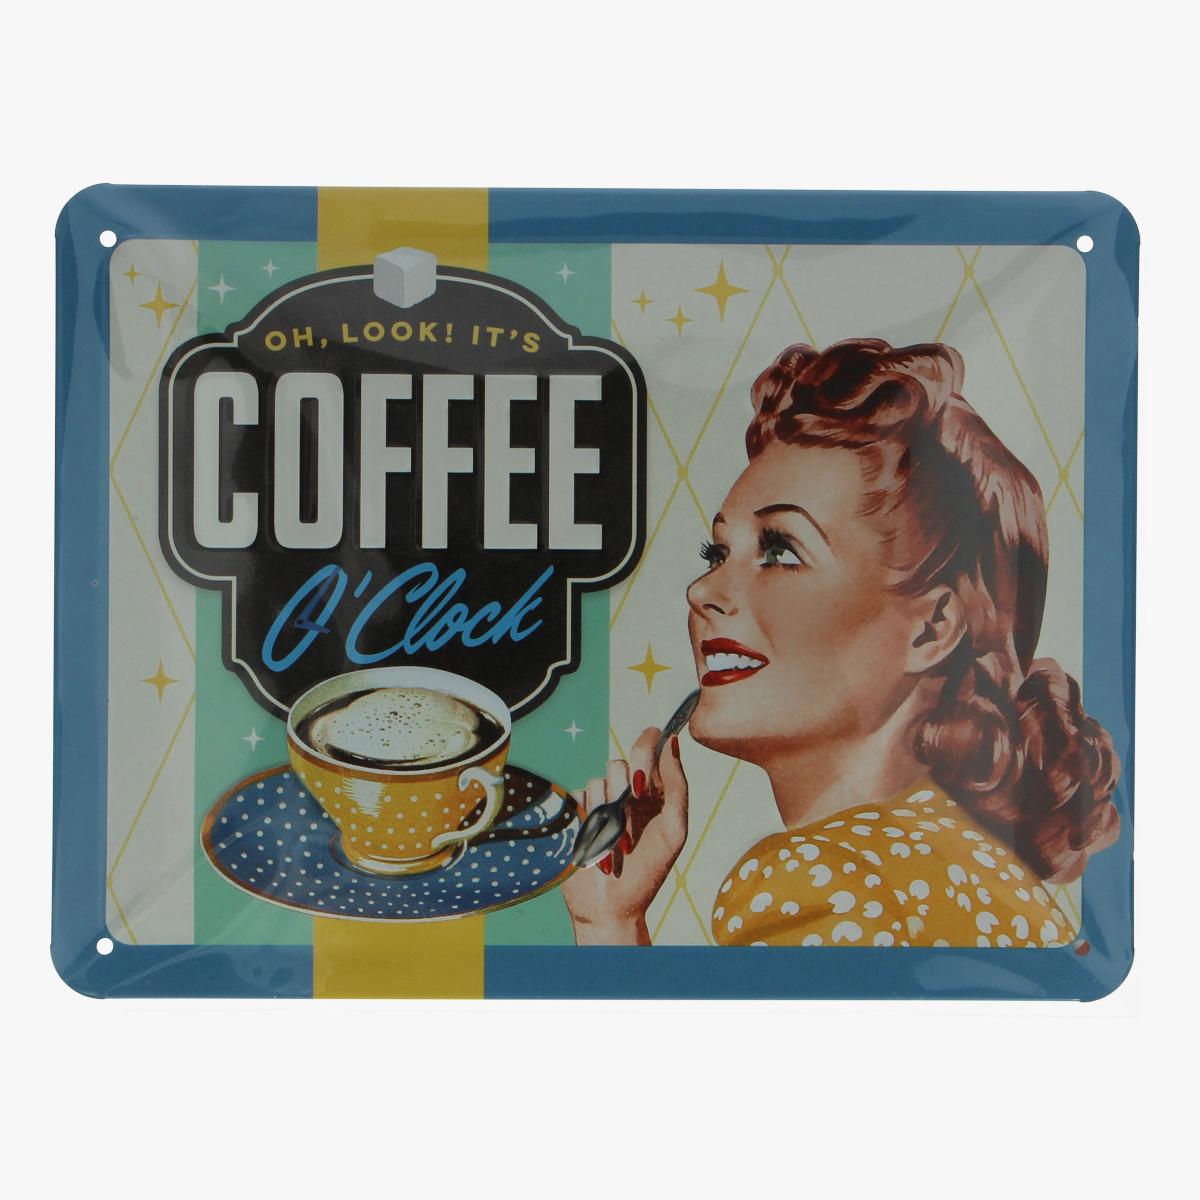 Afbeeldingen van blikken bordje oh,look! it's coffee o clock